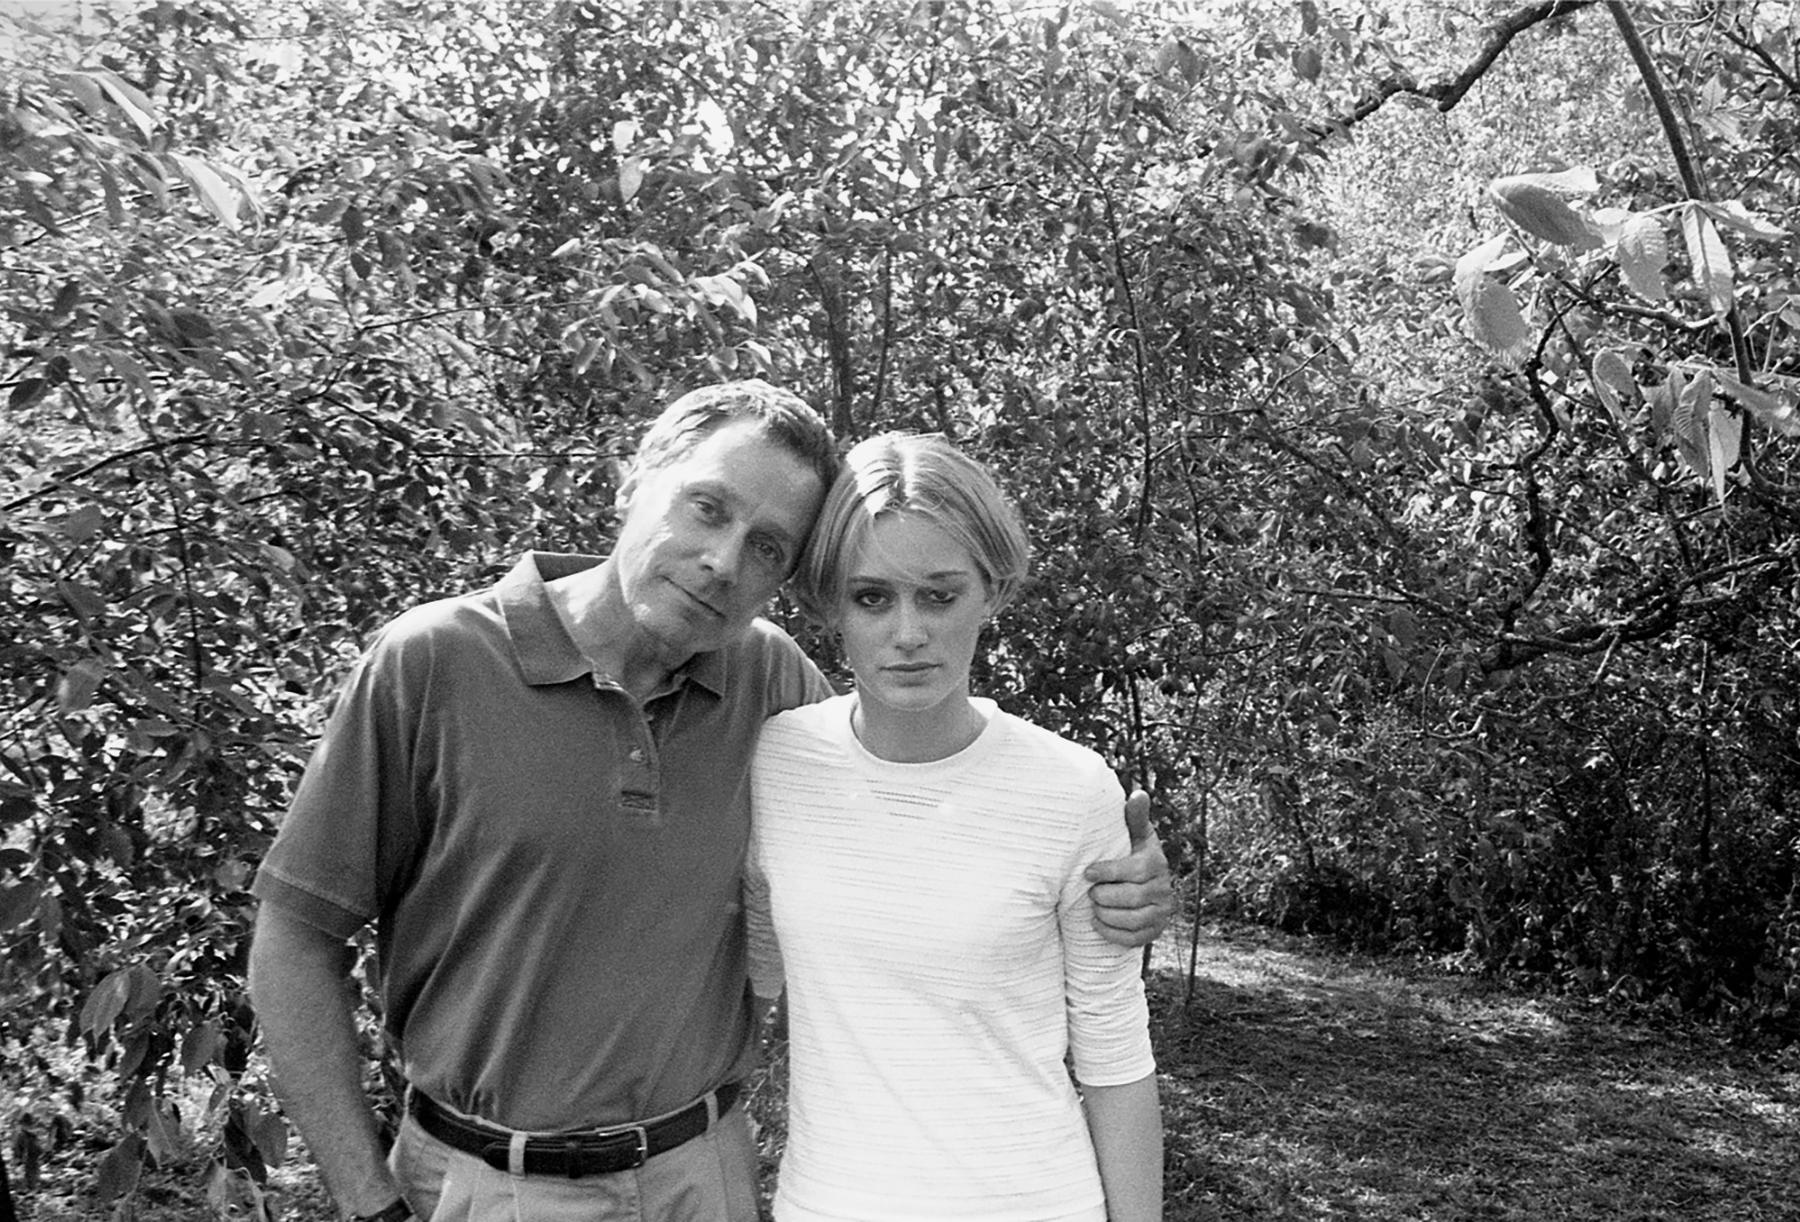 Oscar and Crystal, four years before Oscar's death, 2019/2000